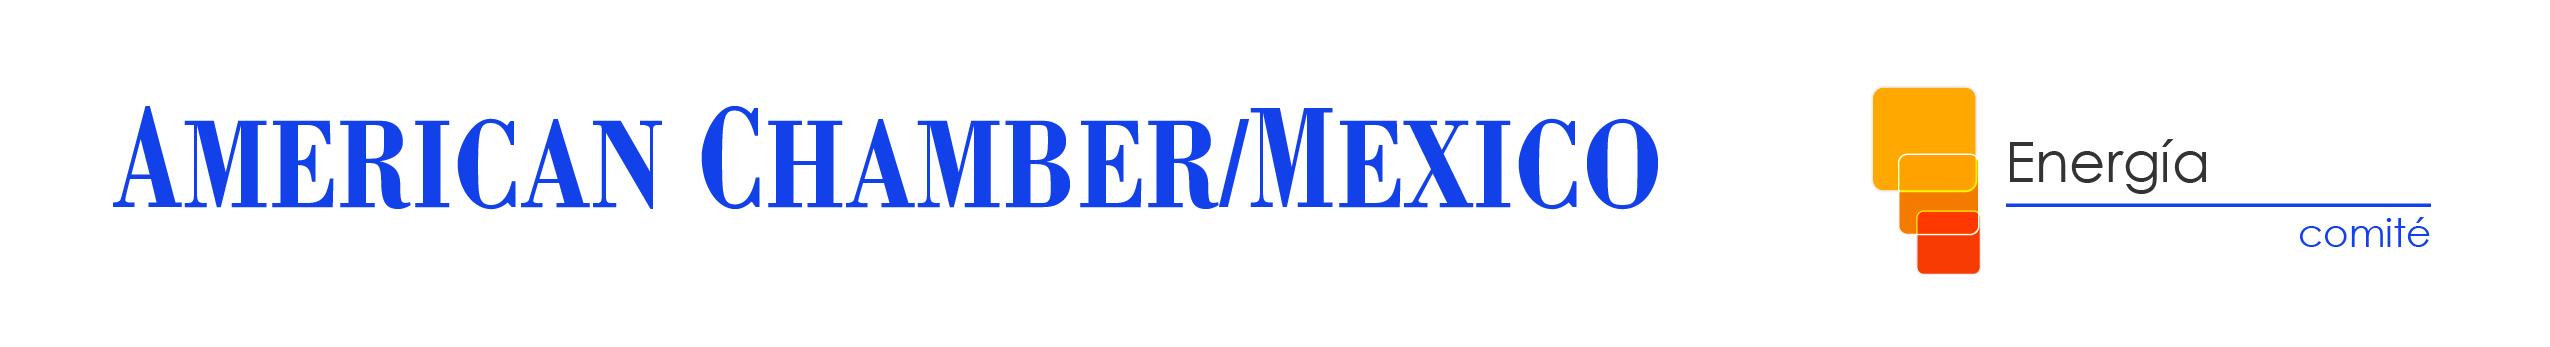 CDMX - Panorama electoral en México y el escenario para el sector energético